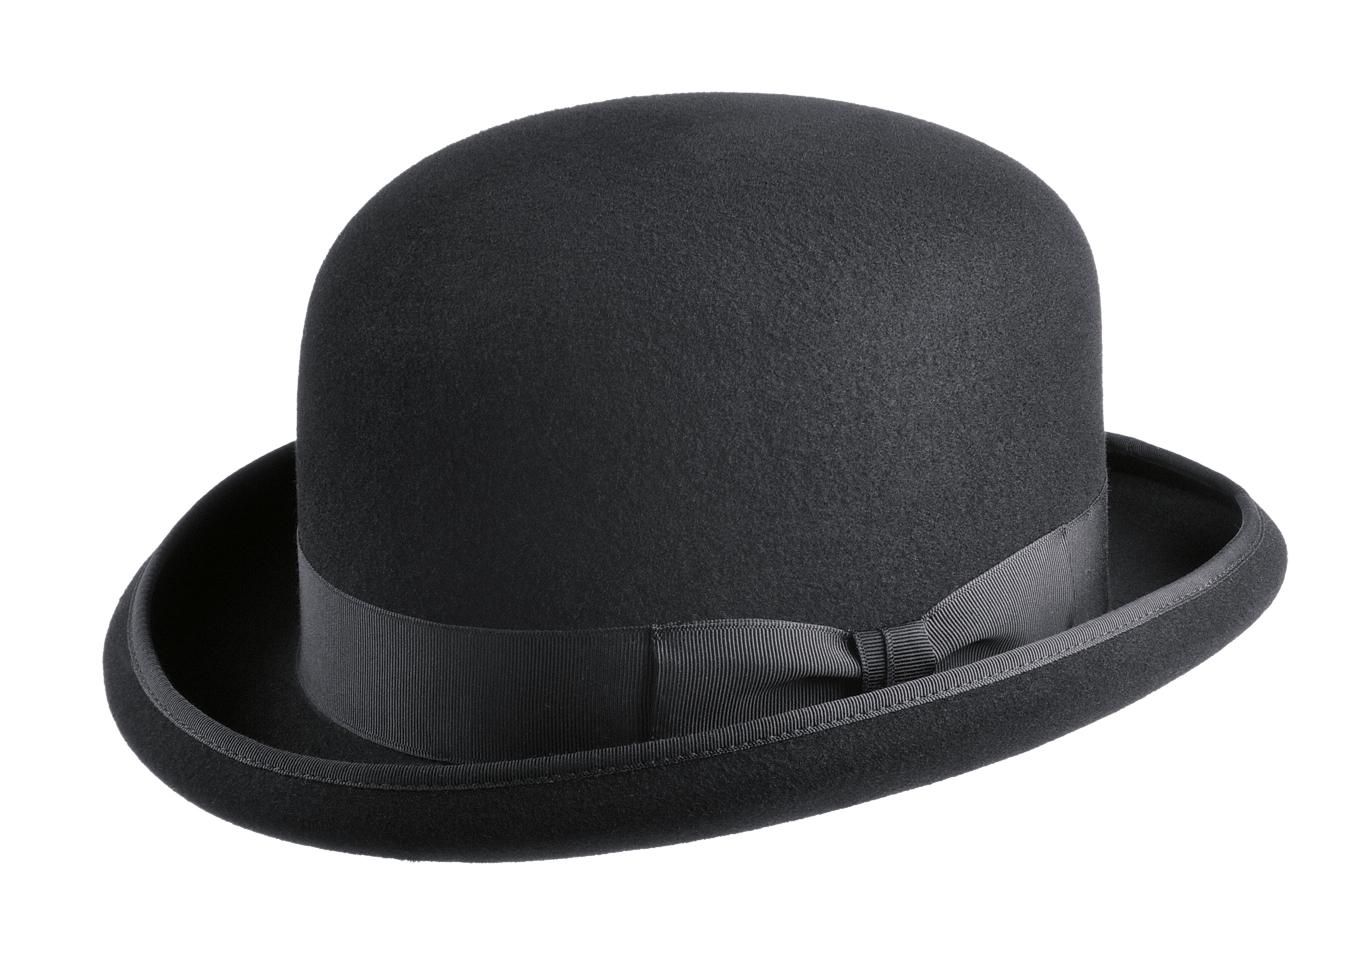 sombrero negro técnica de los 6 sombreros